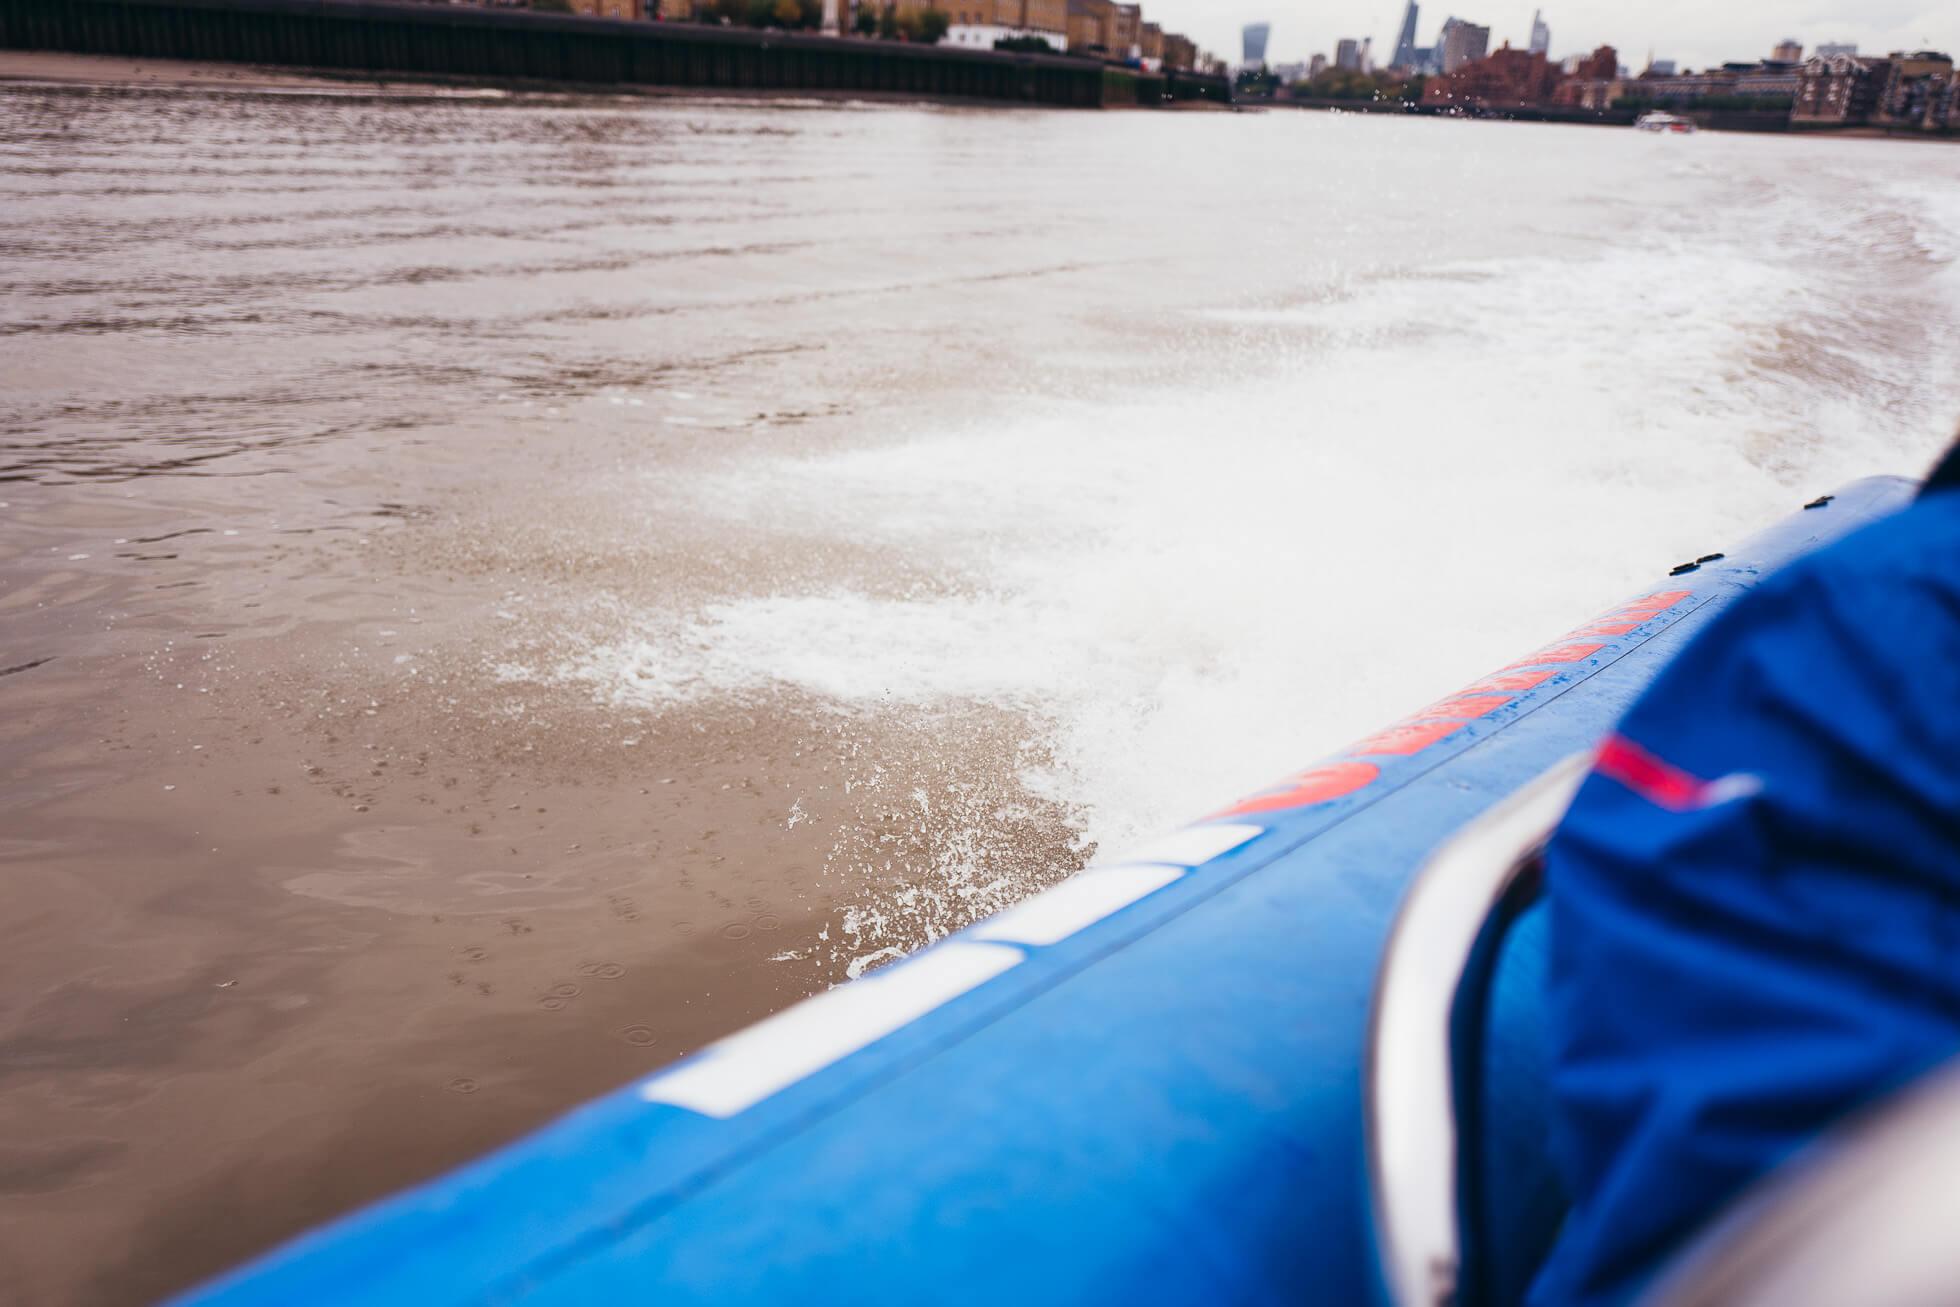 janni-deler-speedboat-londonl1160075